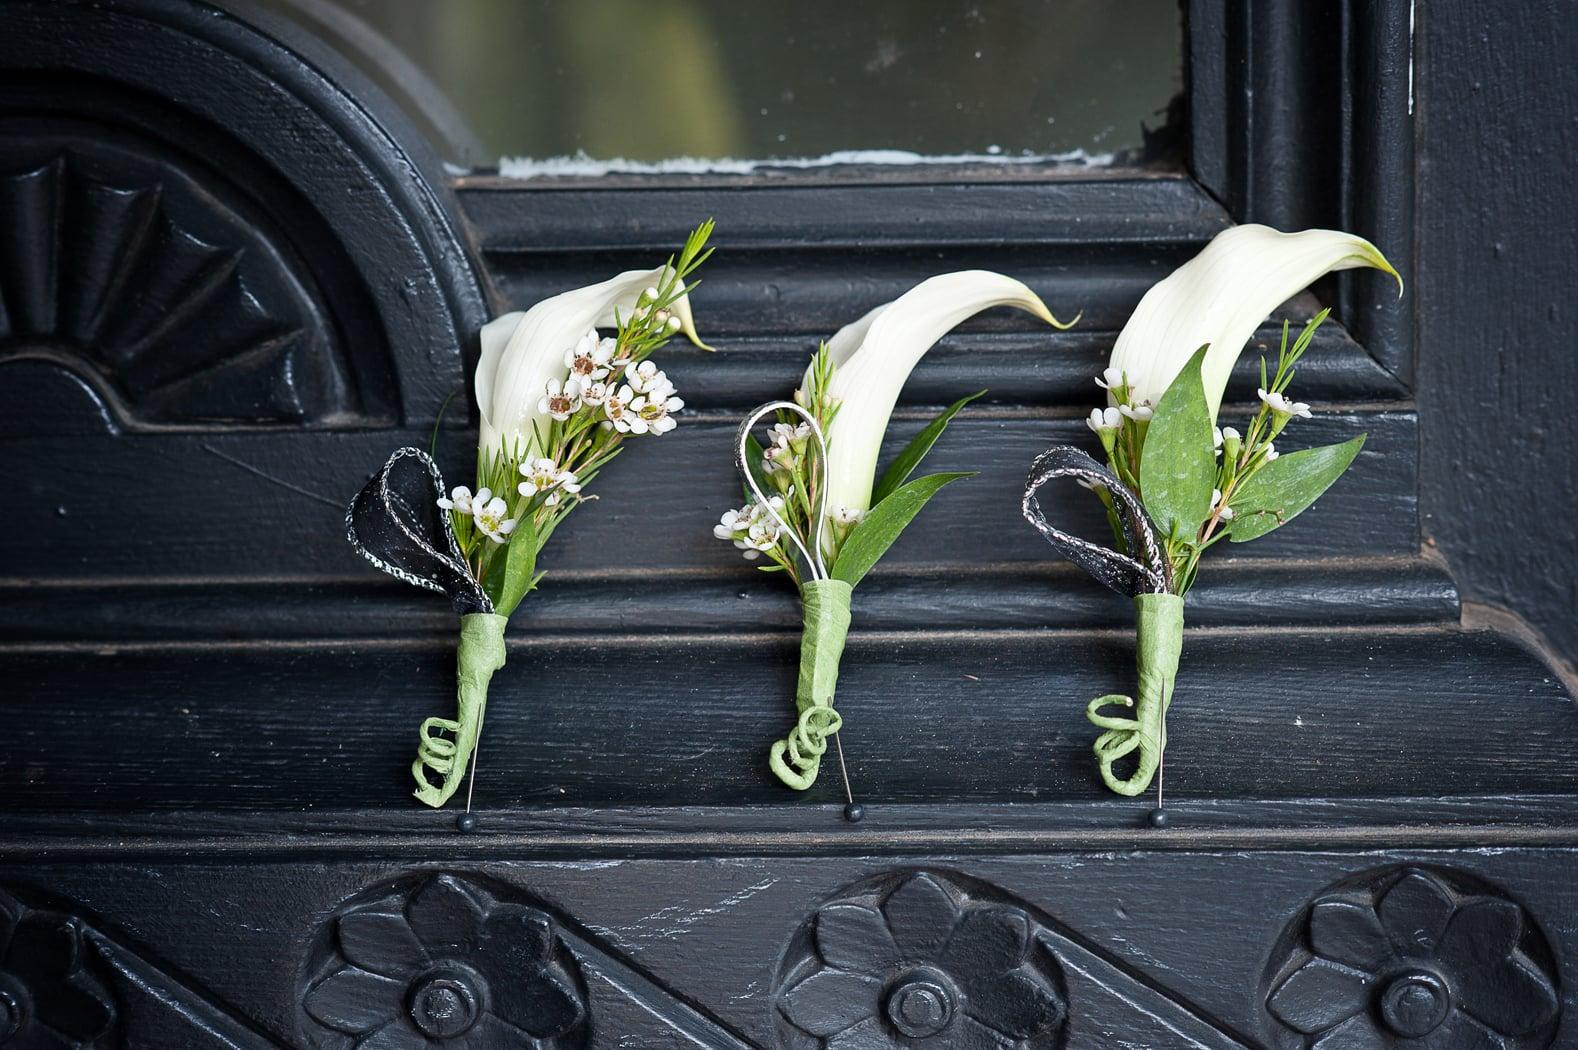 boutonnieres on antique door